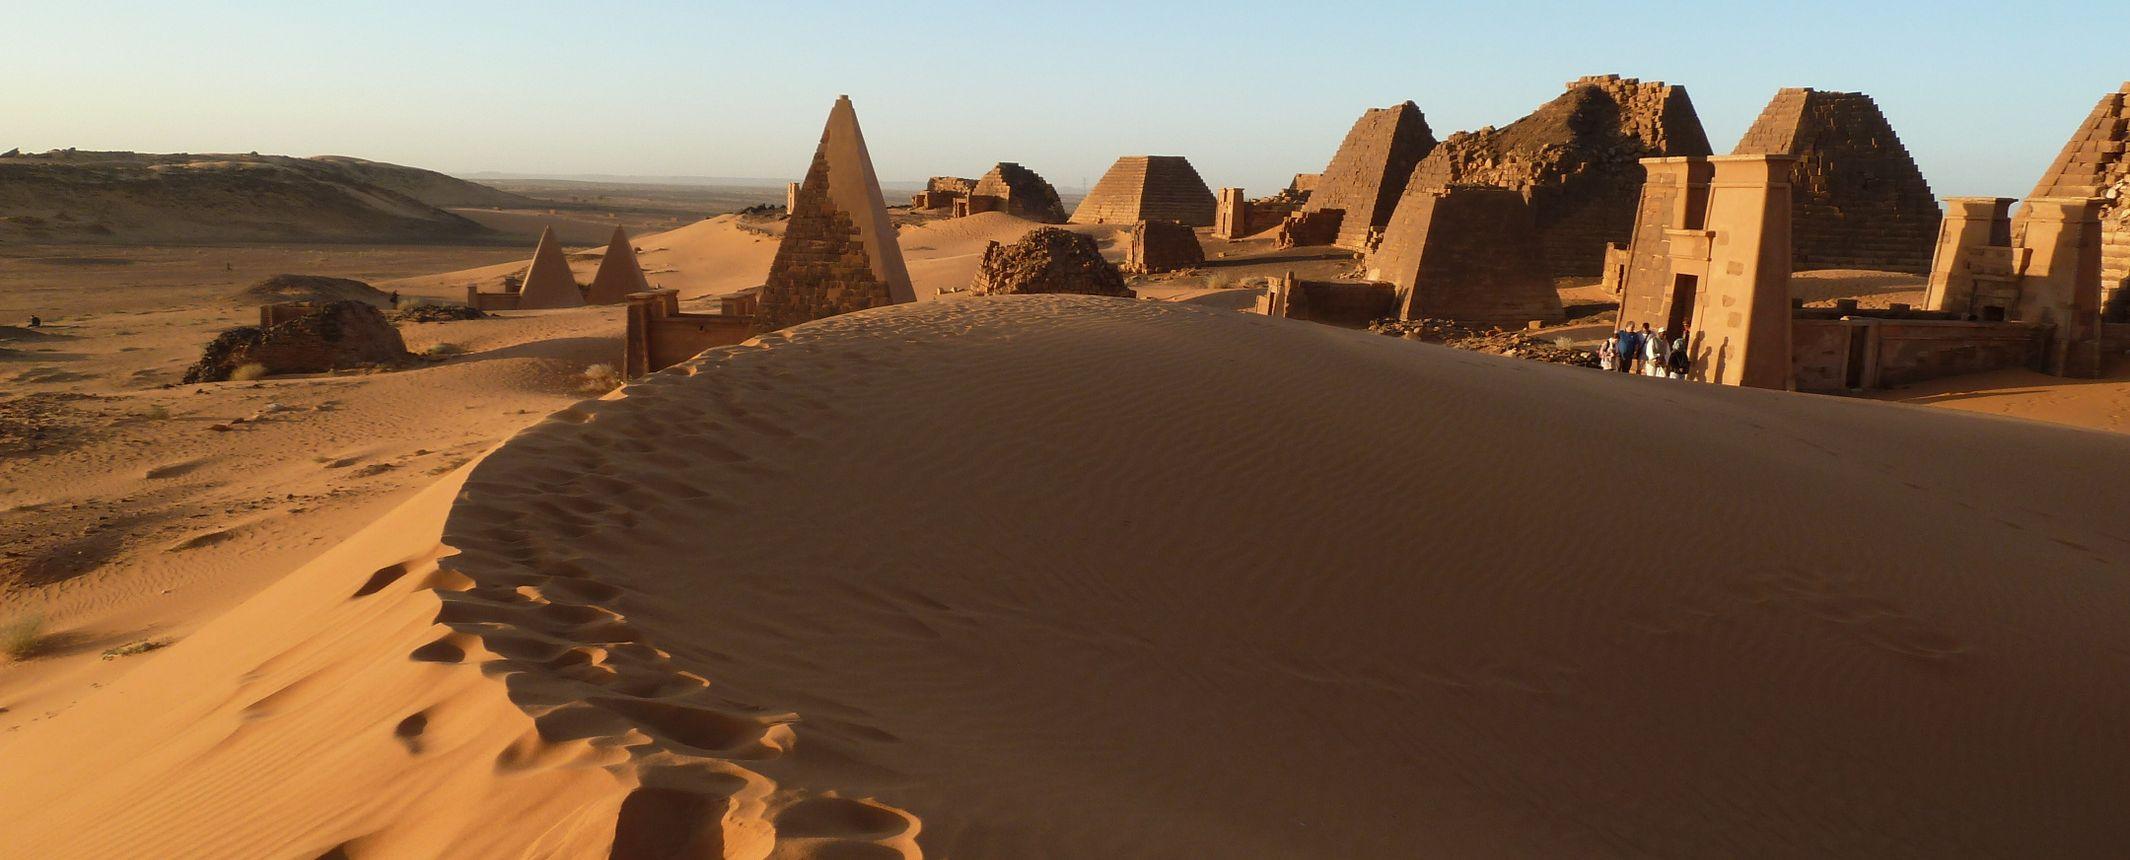 Sudán - Los Faraones Negros. Ruta arqueológica y poblados nubios.